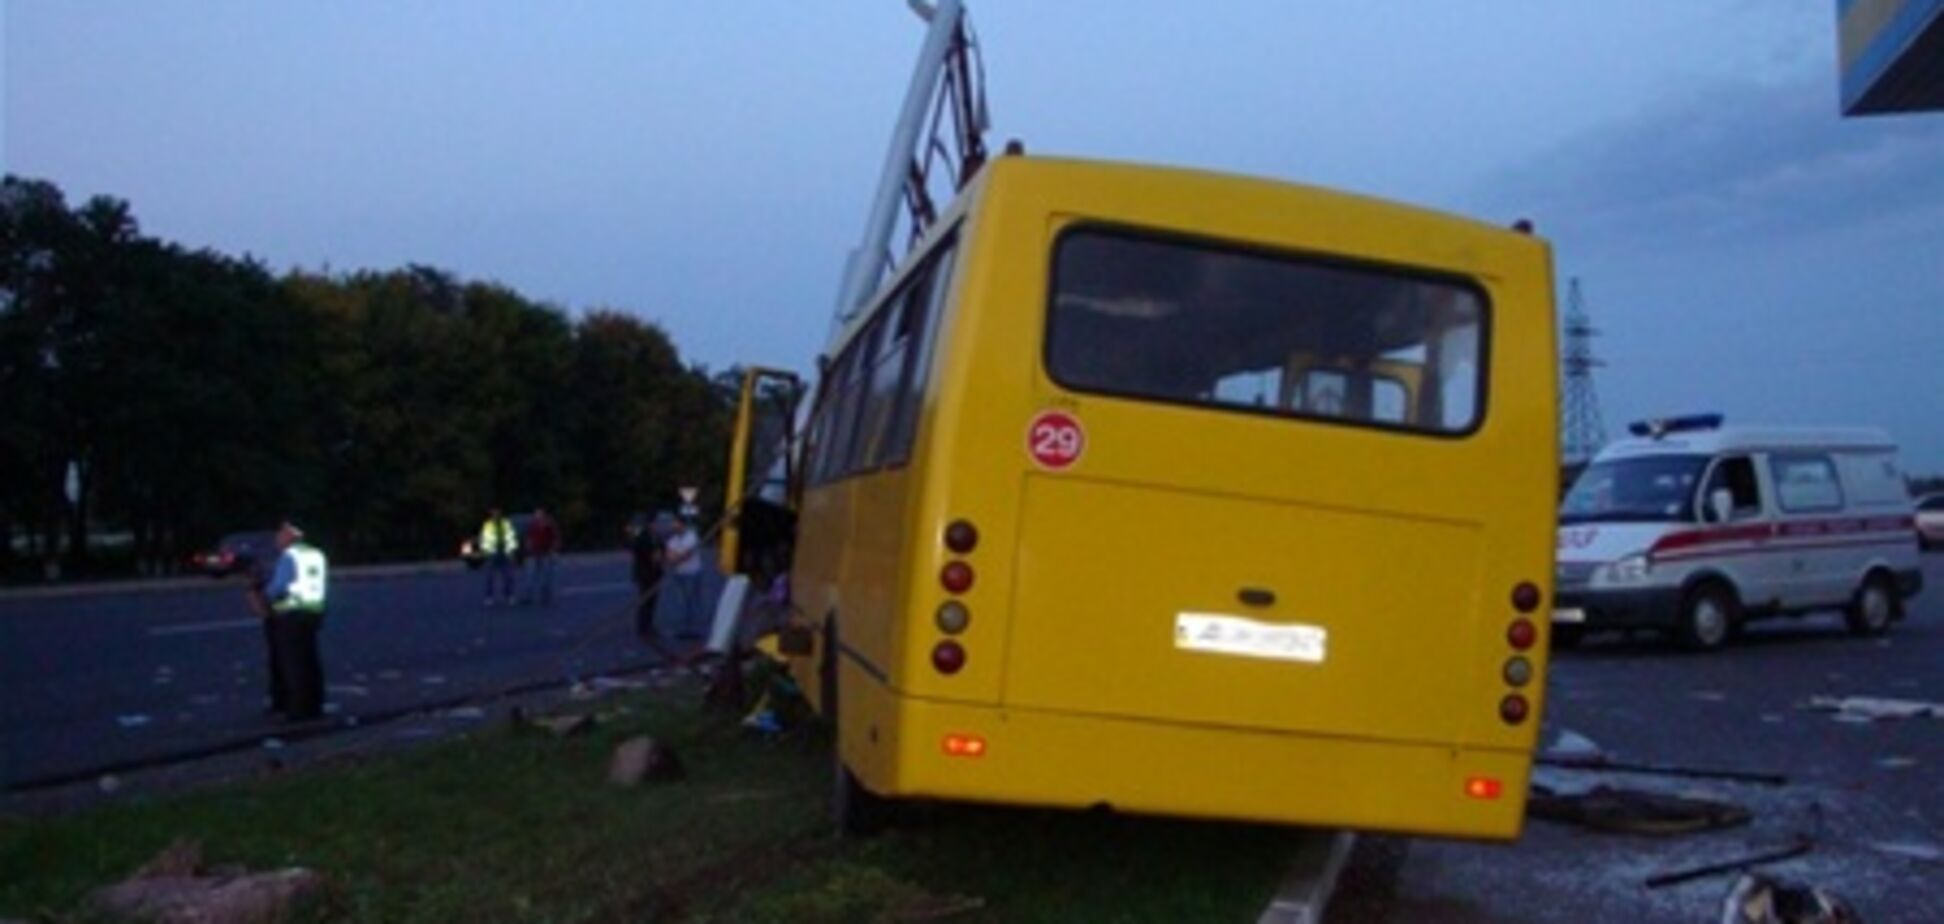 Ситуация на дорогах: 106 ДТП, 20 погибших